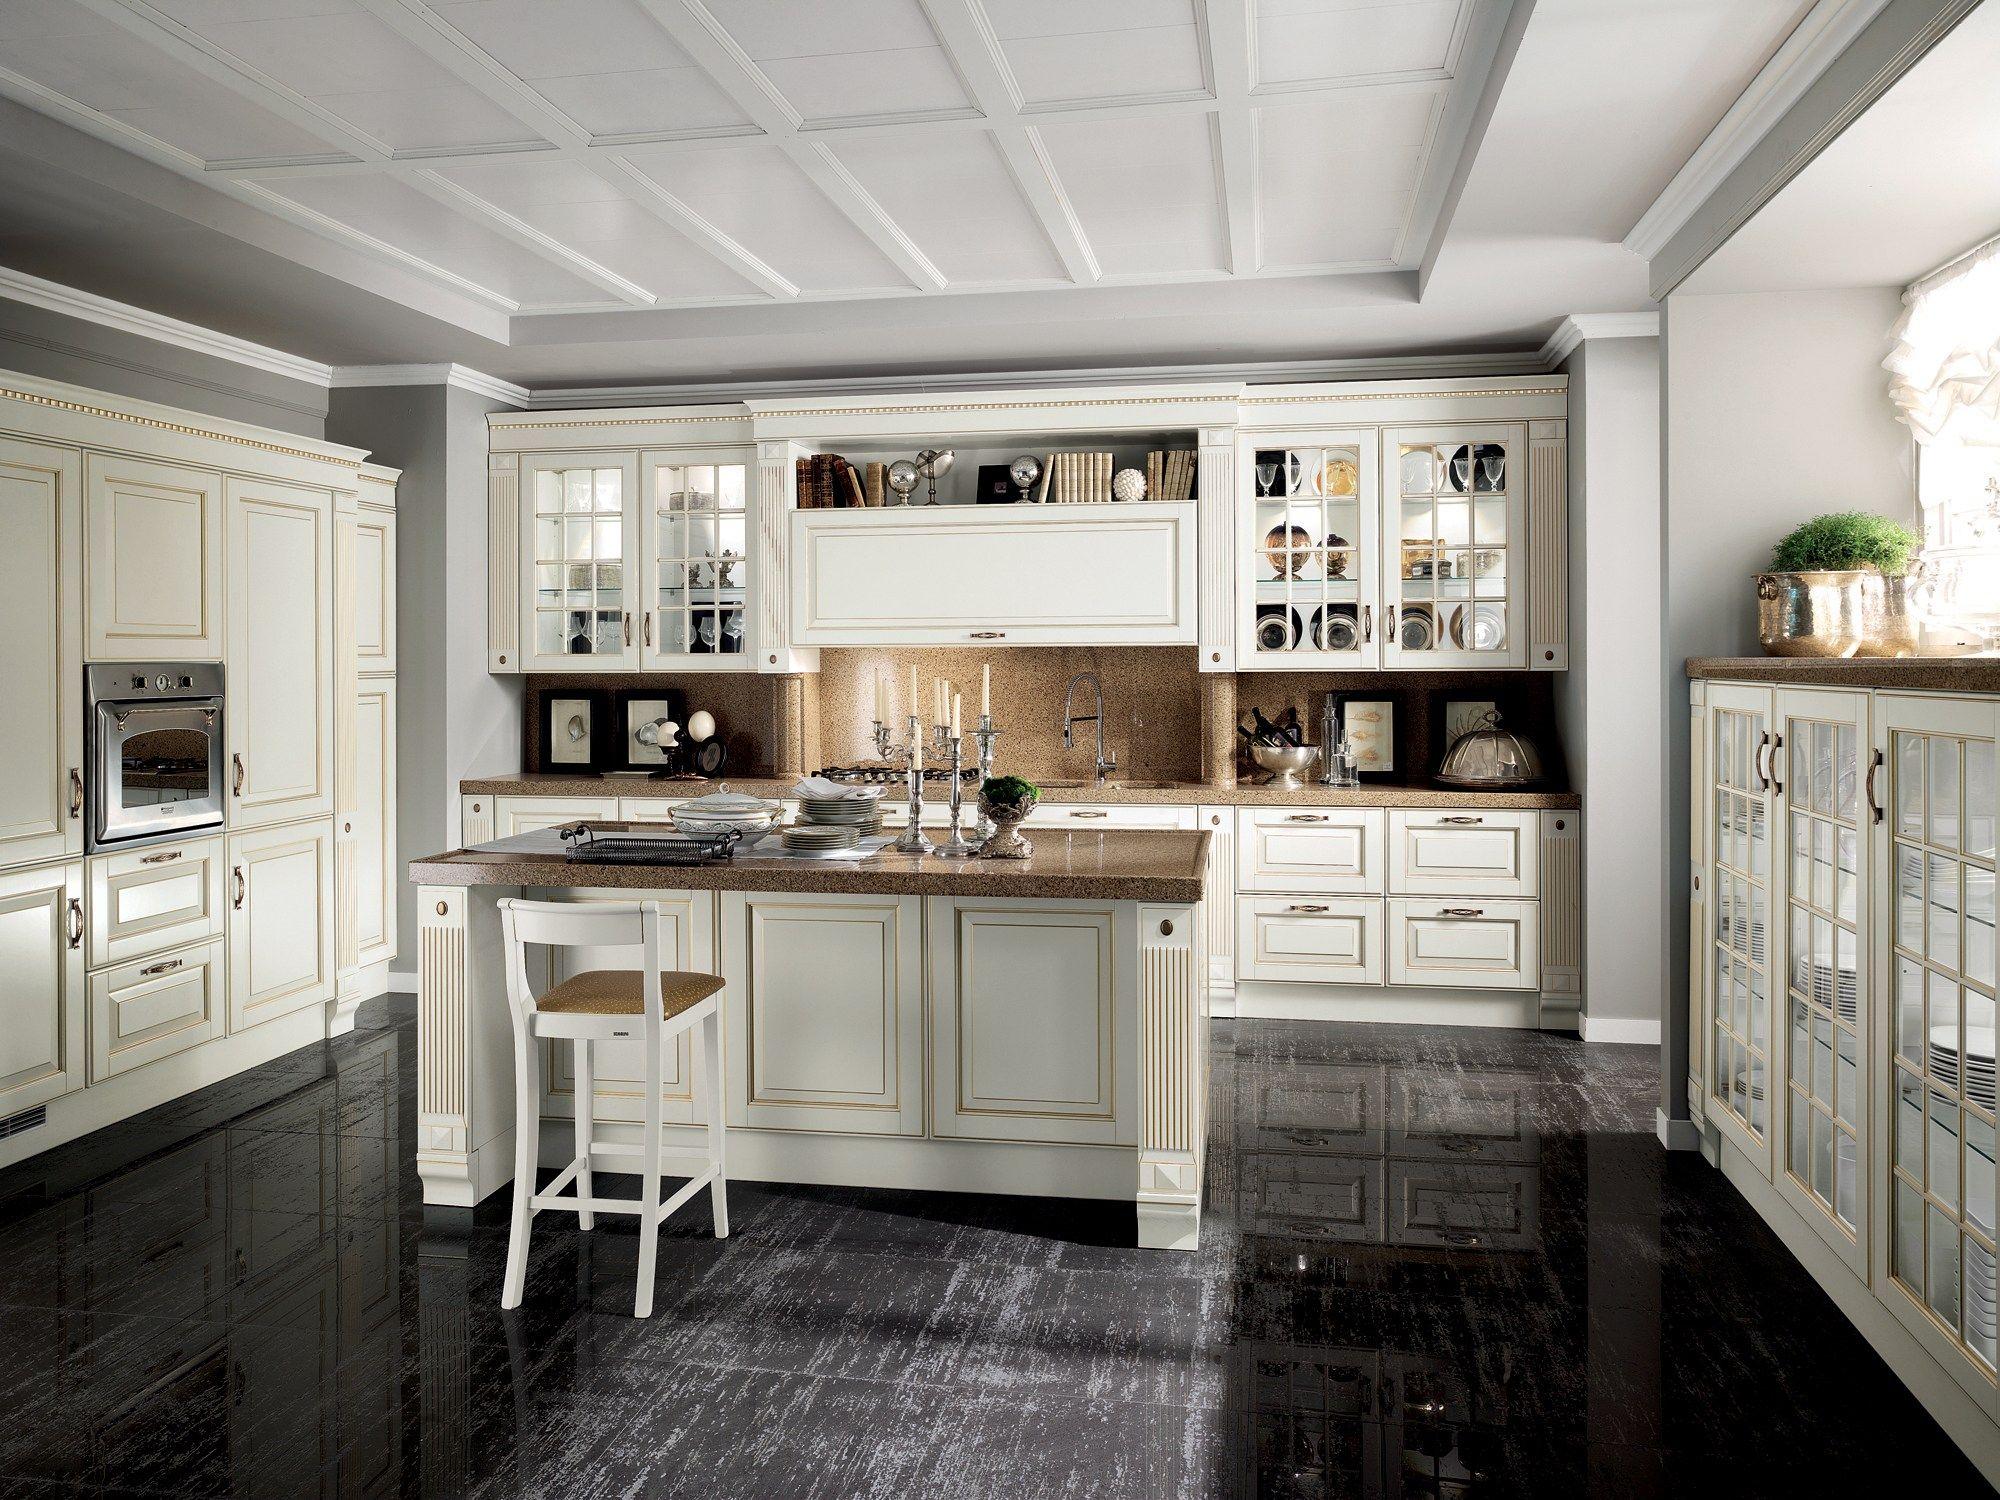 Cucina componibile BALTIMORA Linea Scavolini by Scavolini design Vuesse Design, Marco Pareschi